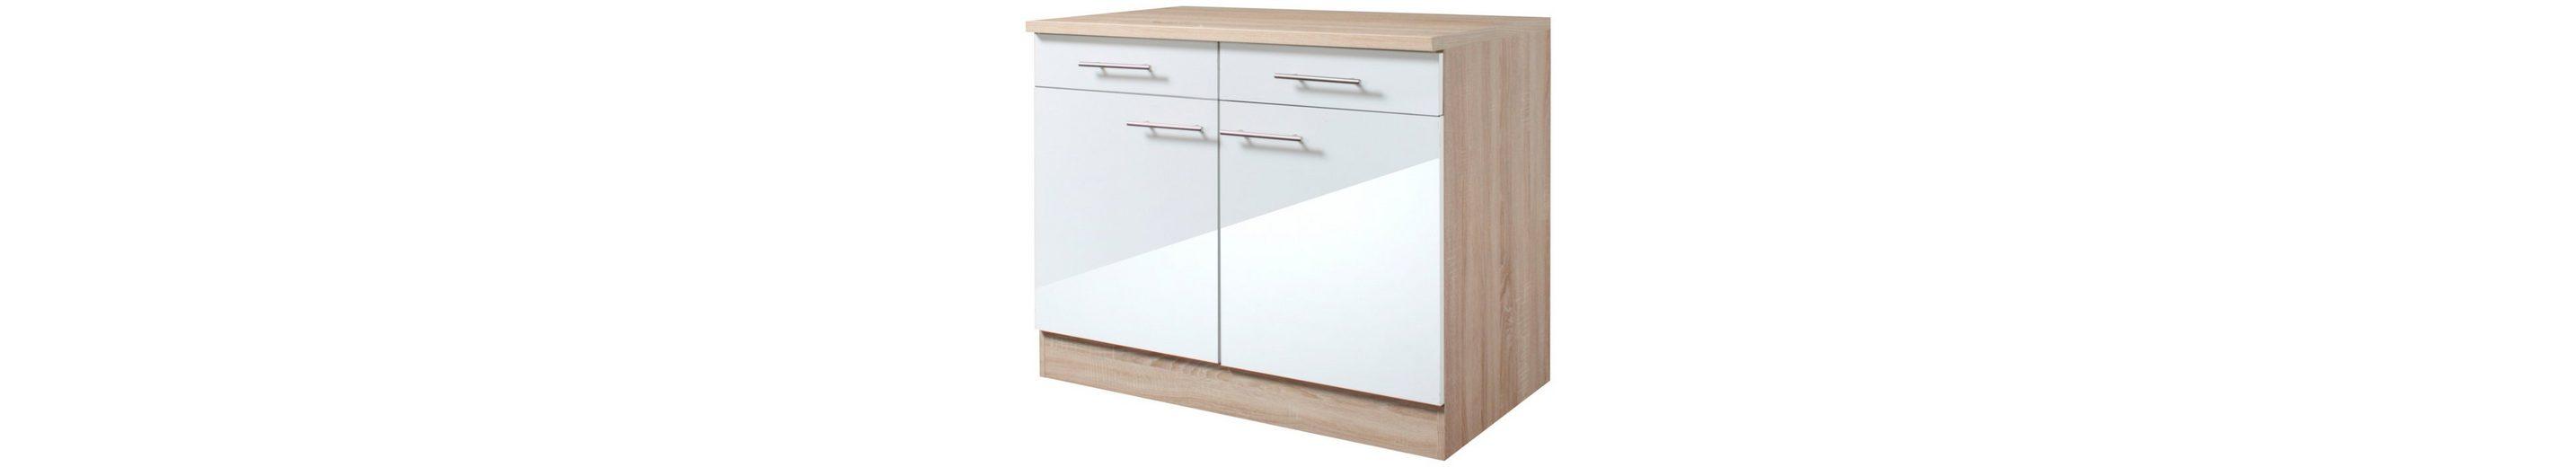 Küchenunterschrank »Dakar«, Breite 100 cm